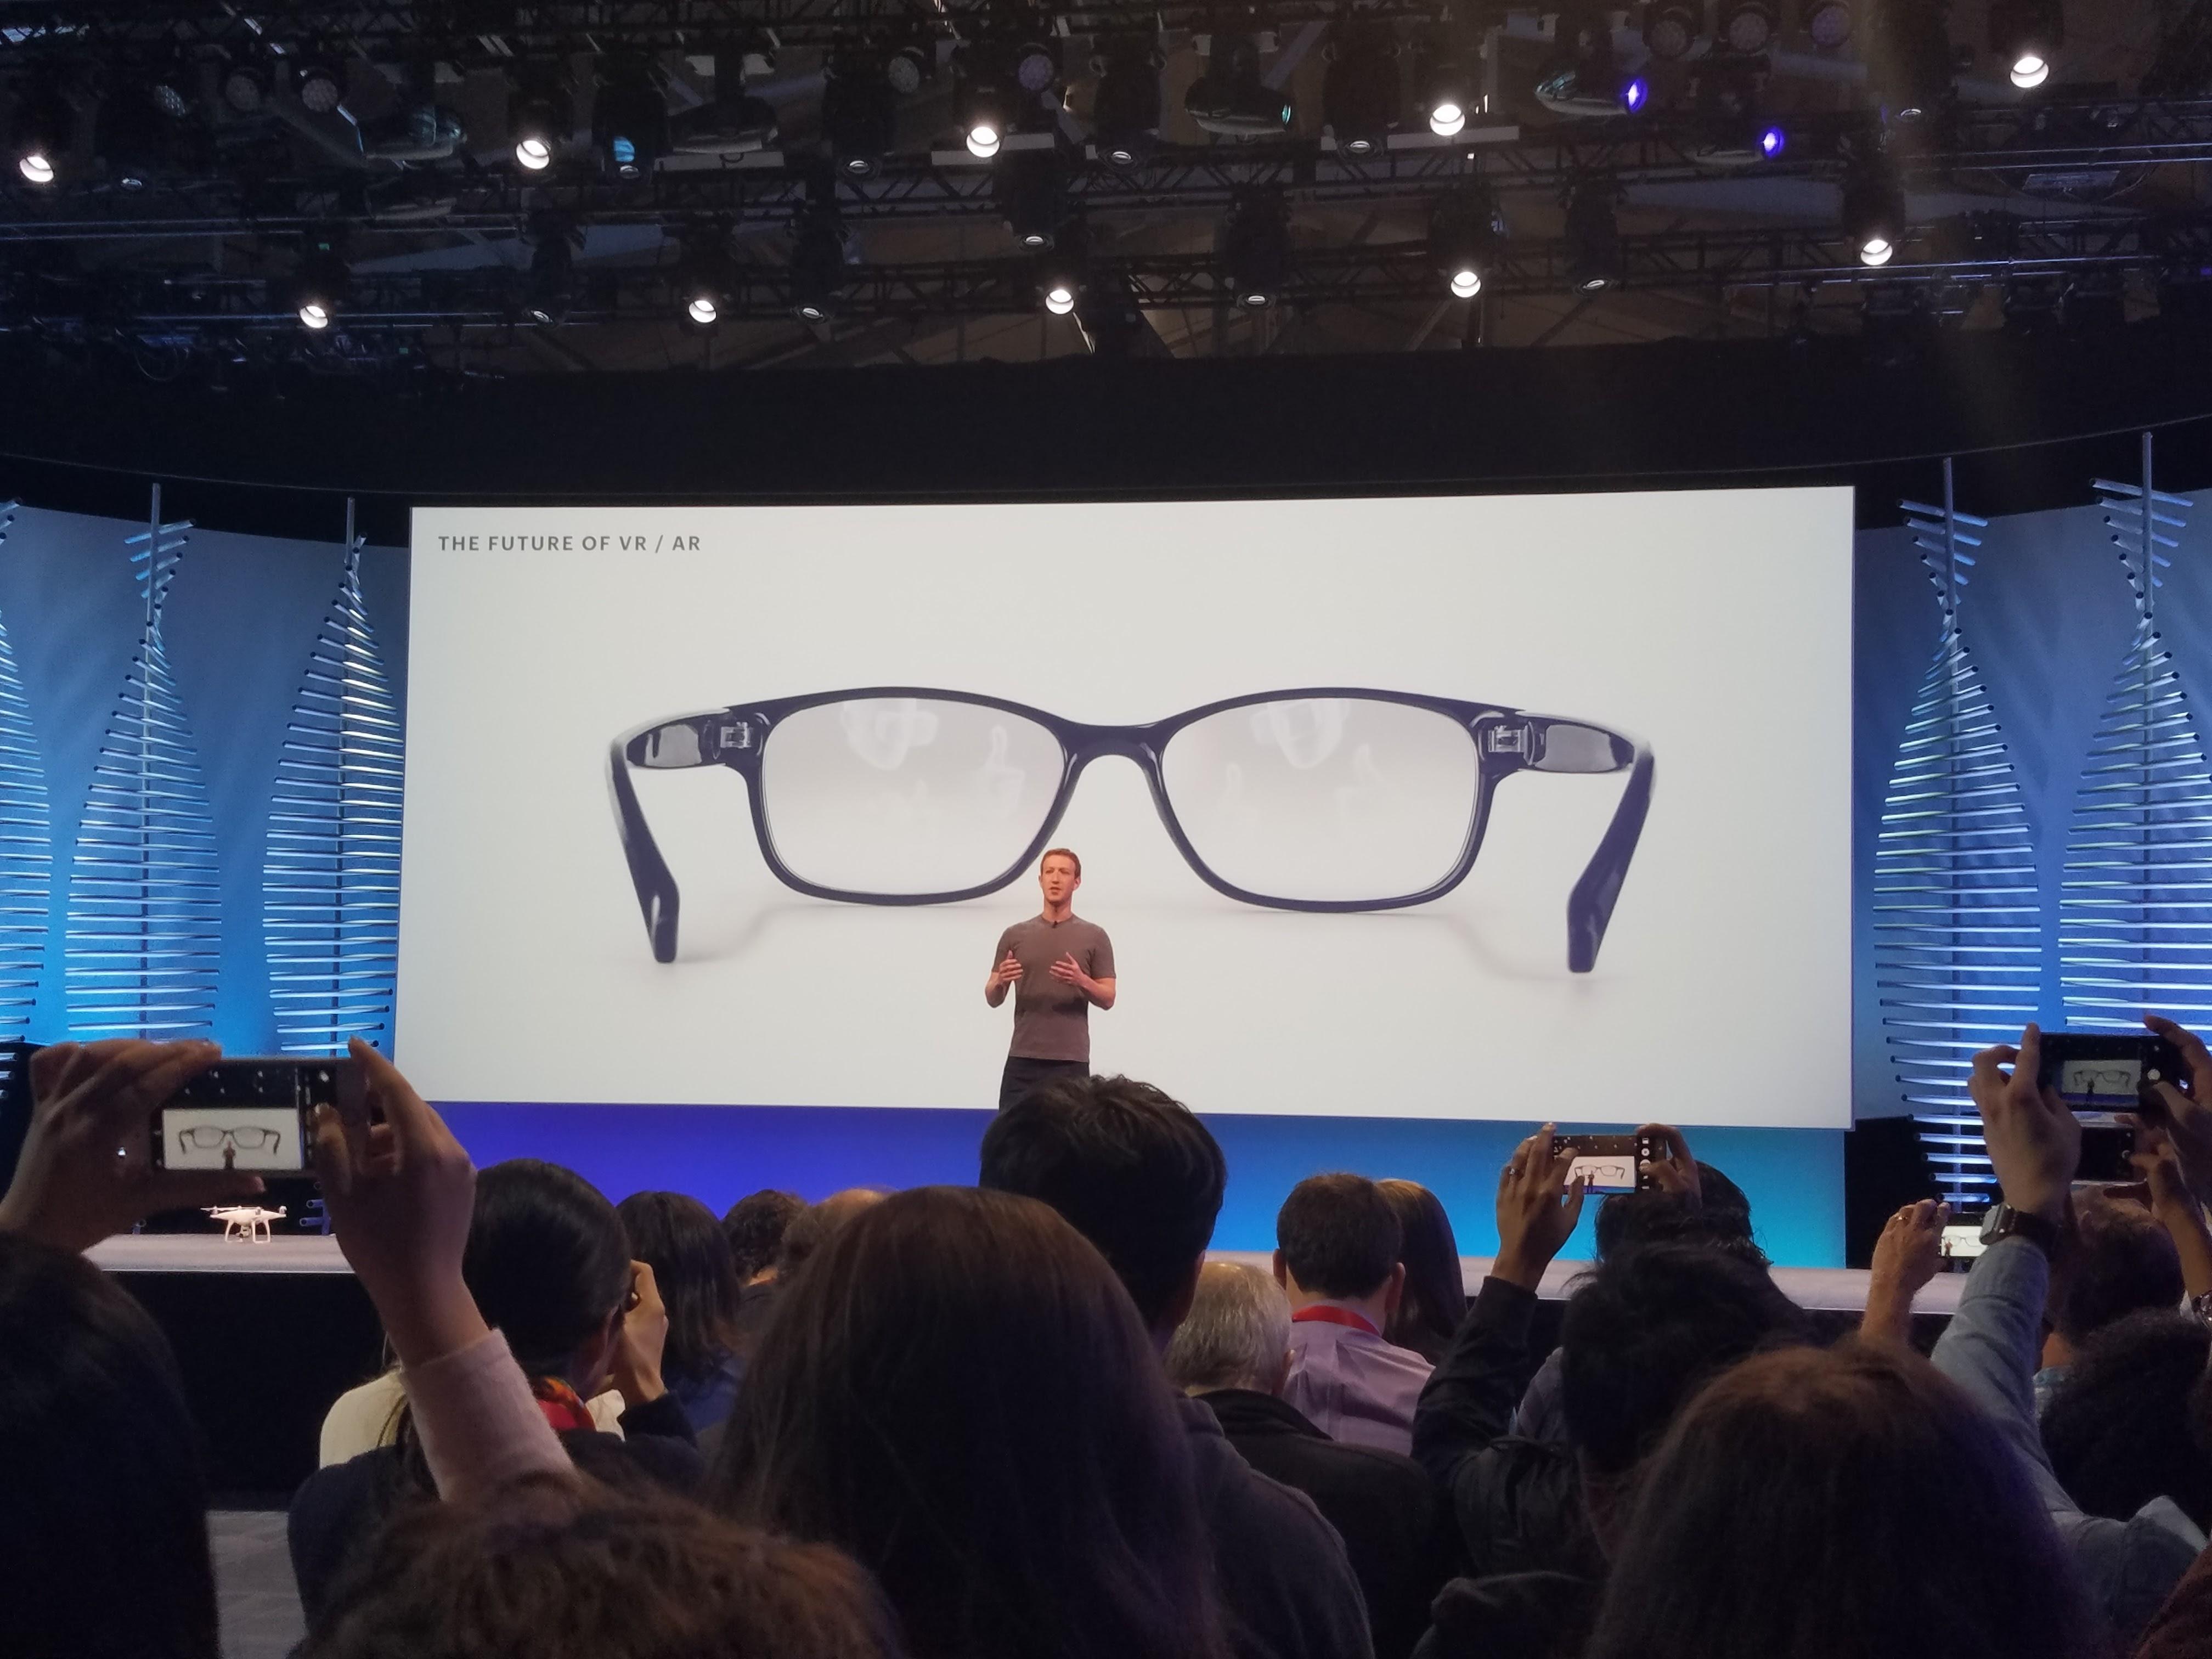 Fra Rift til briller med VR og AR innebygget - dette er Facebooks visjon.